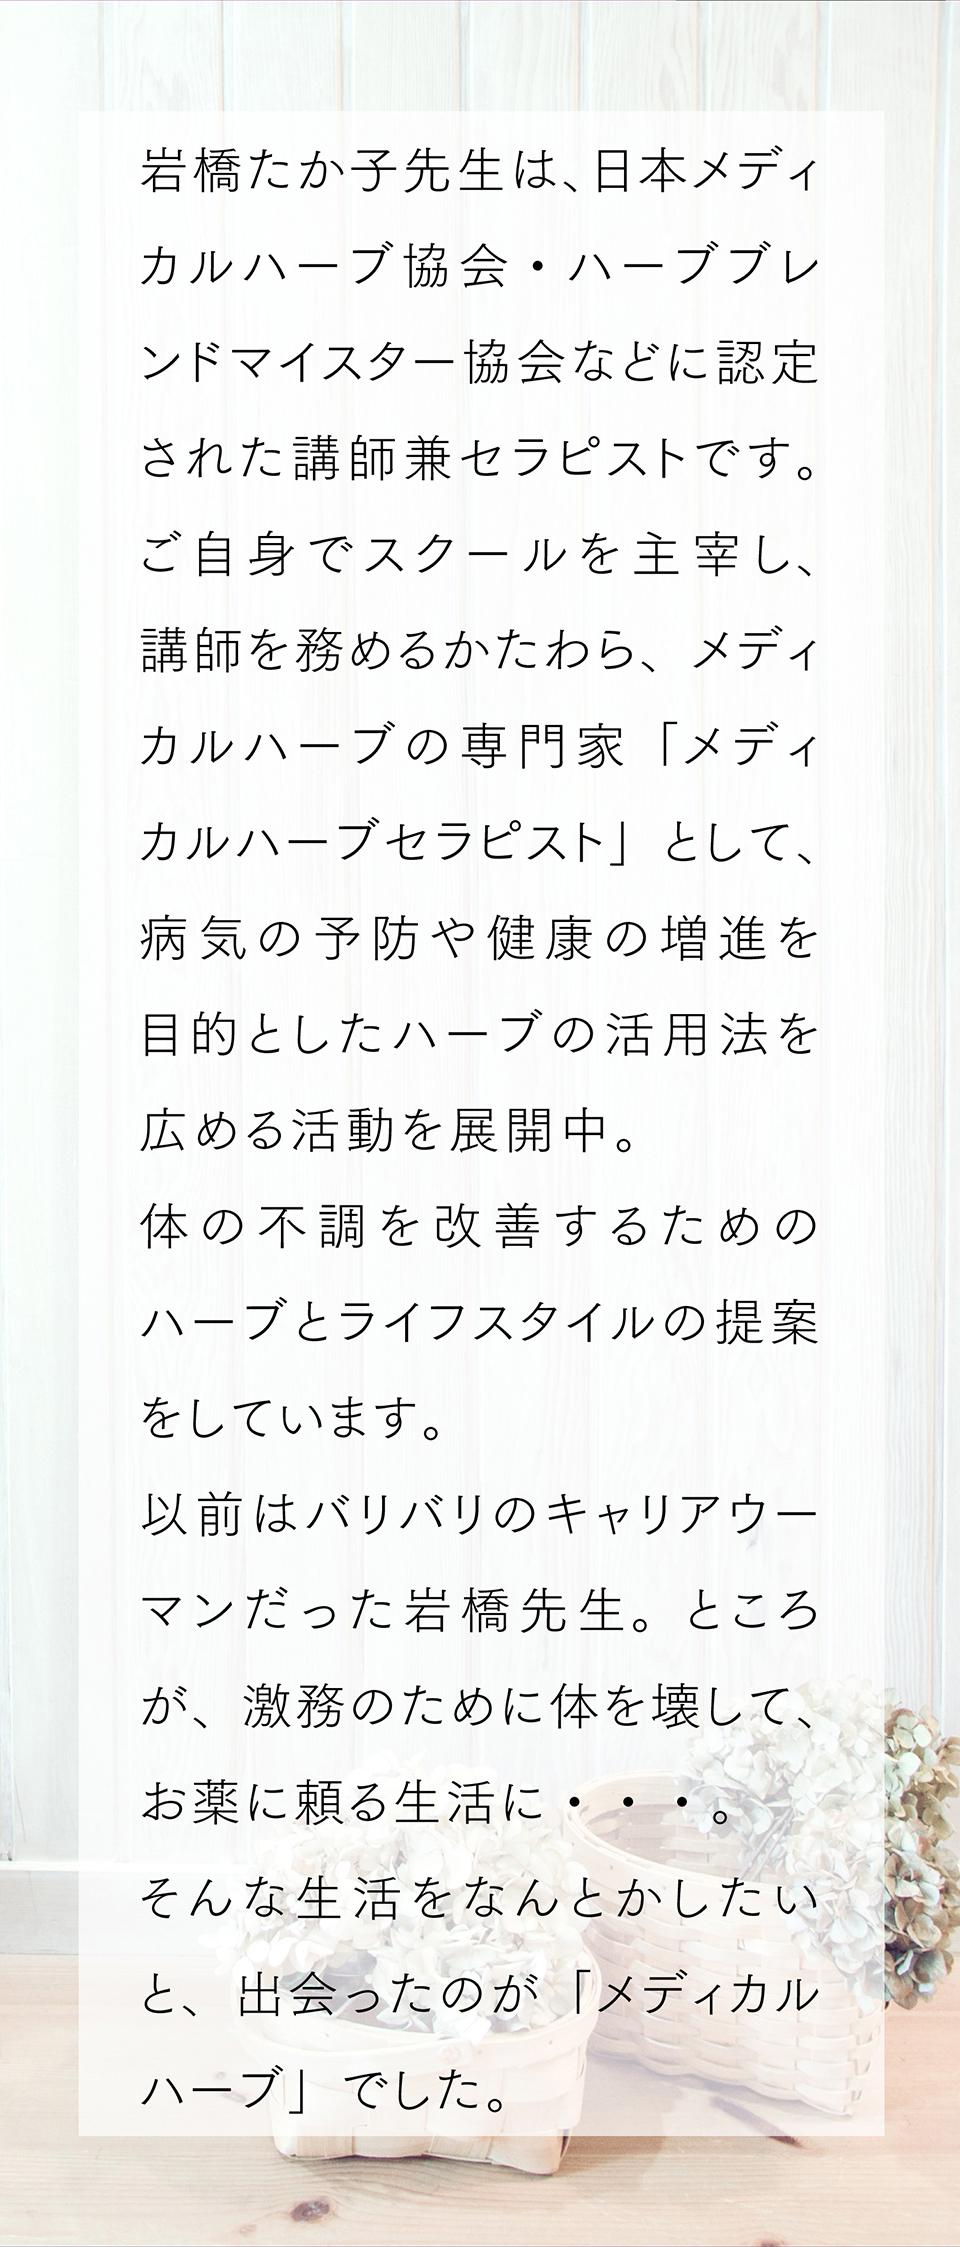 岩橋たか子先生は、日本メディカルハーブ協会・ハーブブレンドマイスター協会などに認定された講師兼セラピストです。